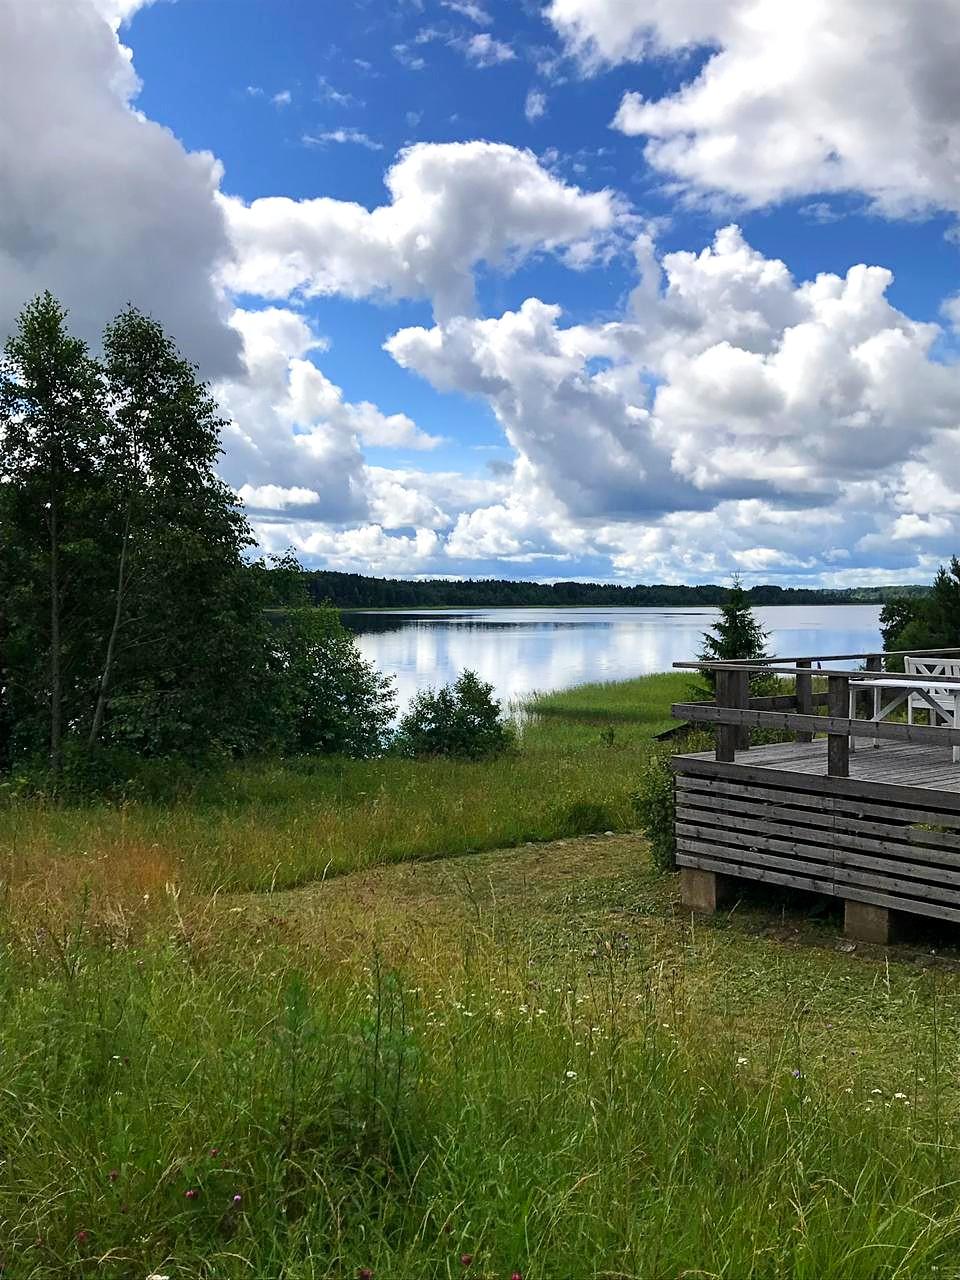 отдых-на-природе-вид-на-озеро-русский-пейзаж-лето-отдых-на-селигере-отель-вершина-селигера-4.jpg